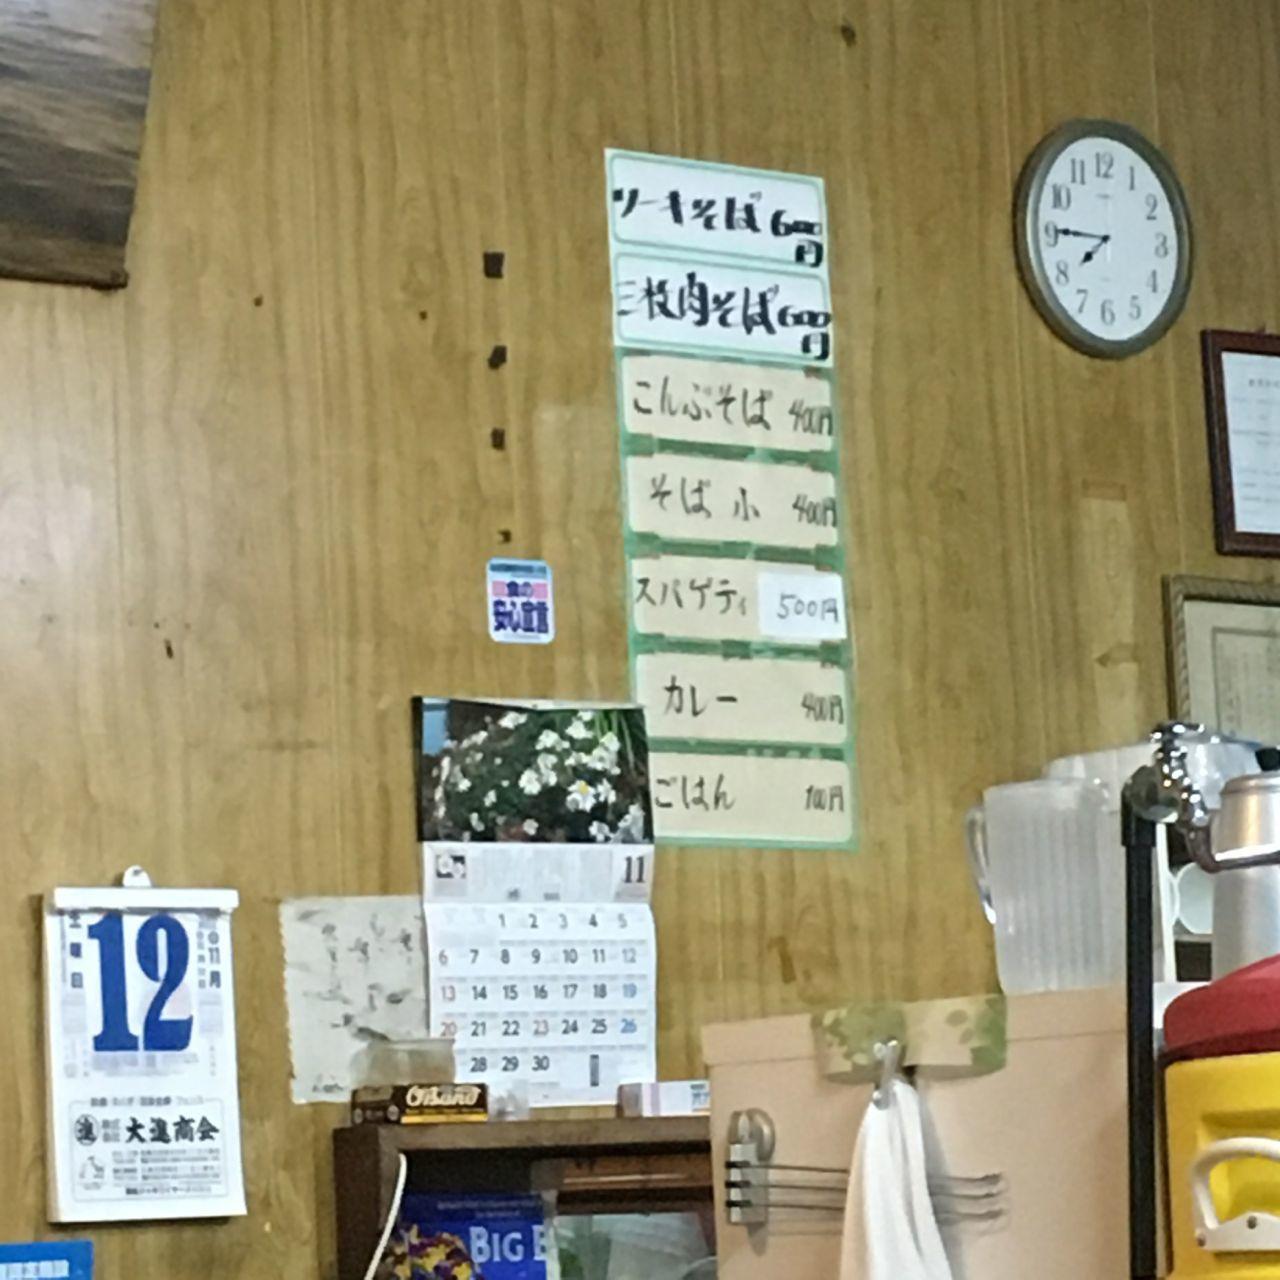 2016.11.12「ツールド沖縄前日」_c0197974_12095536.jpg